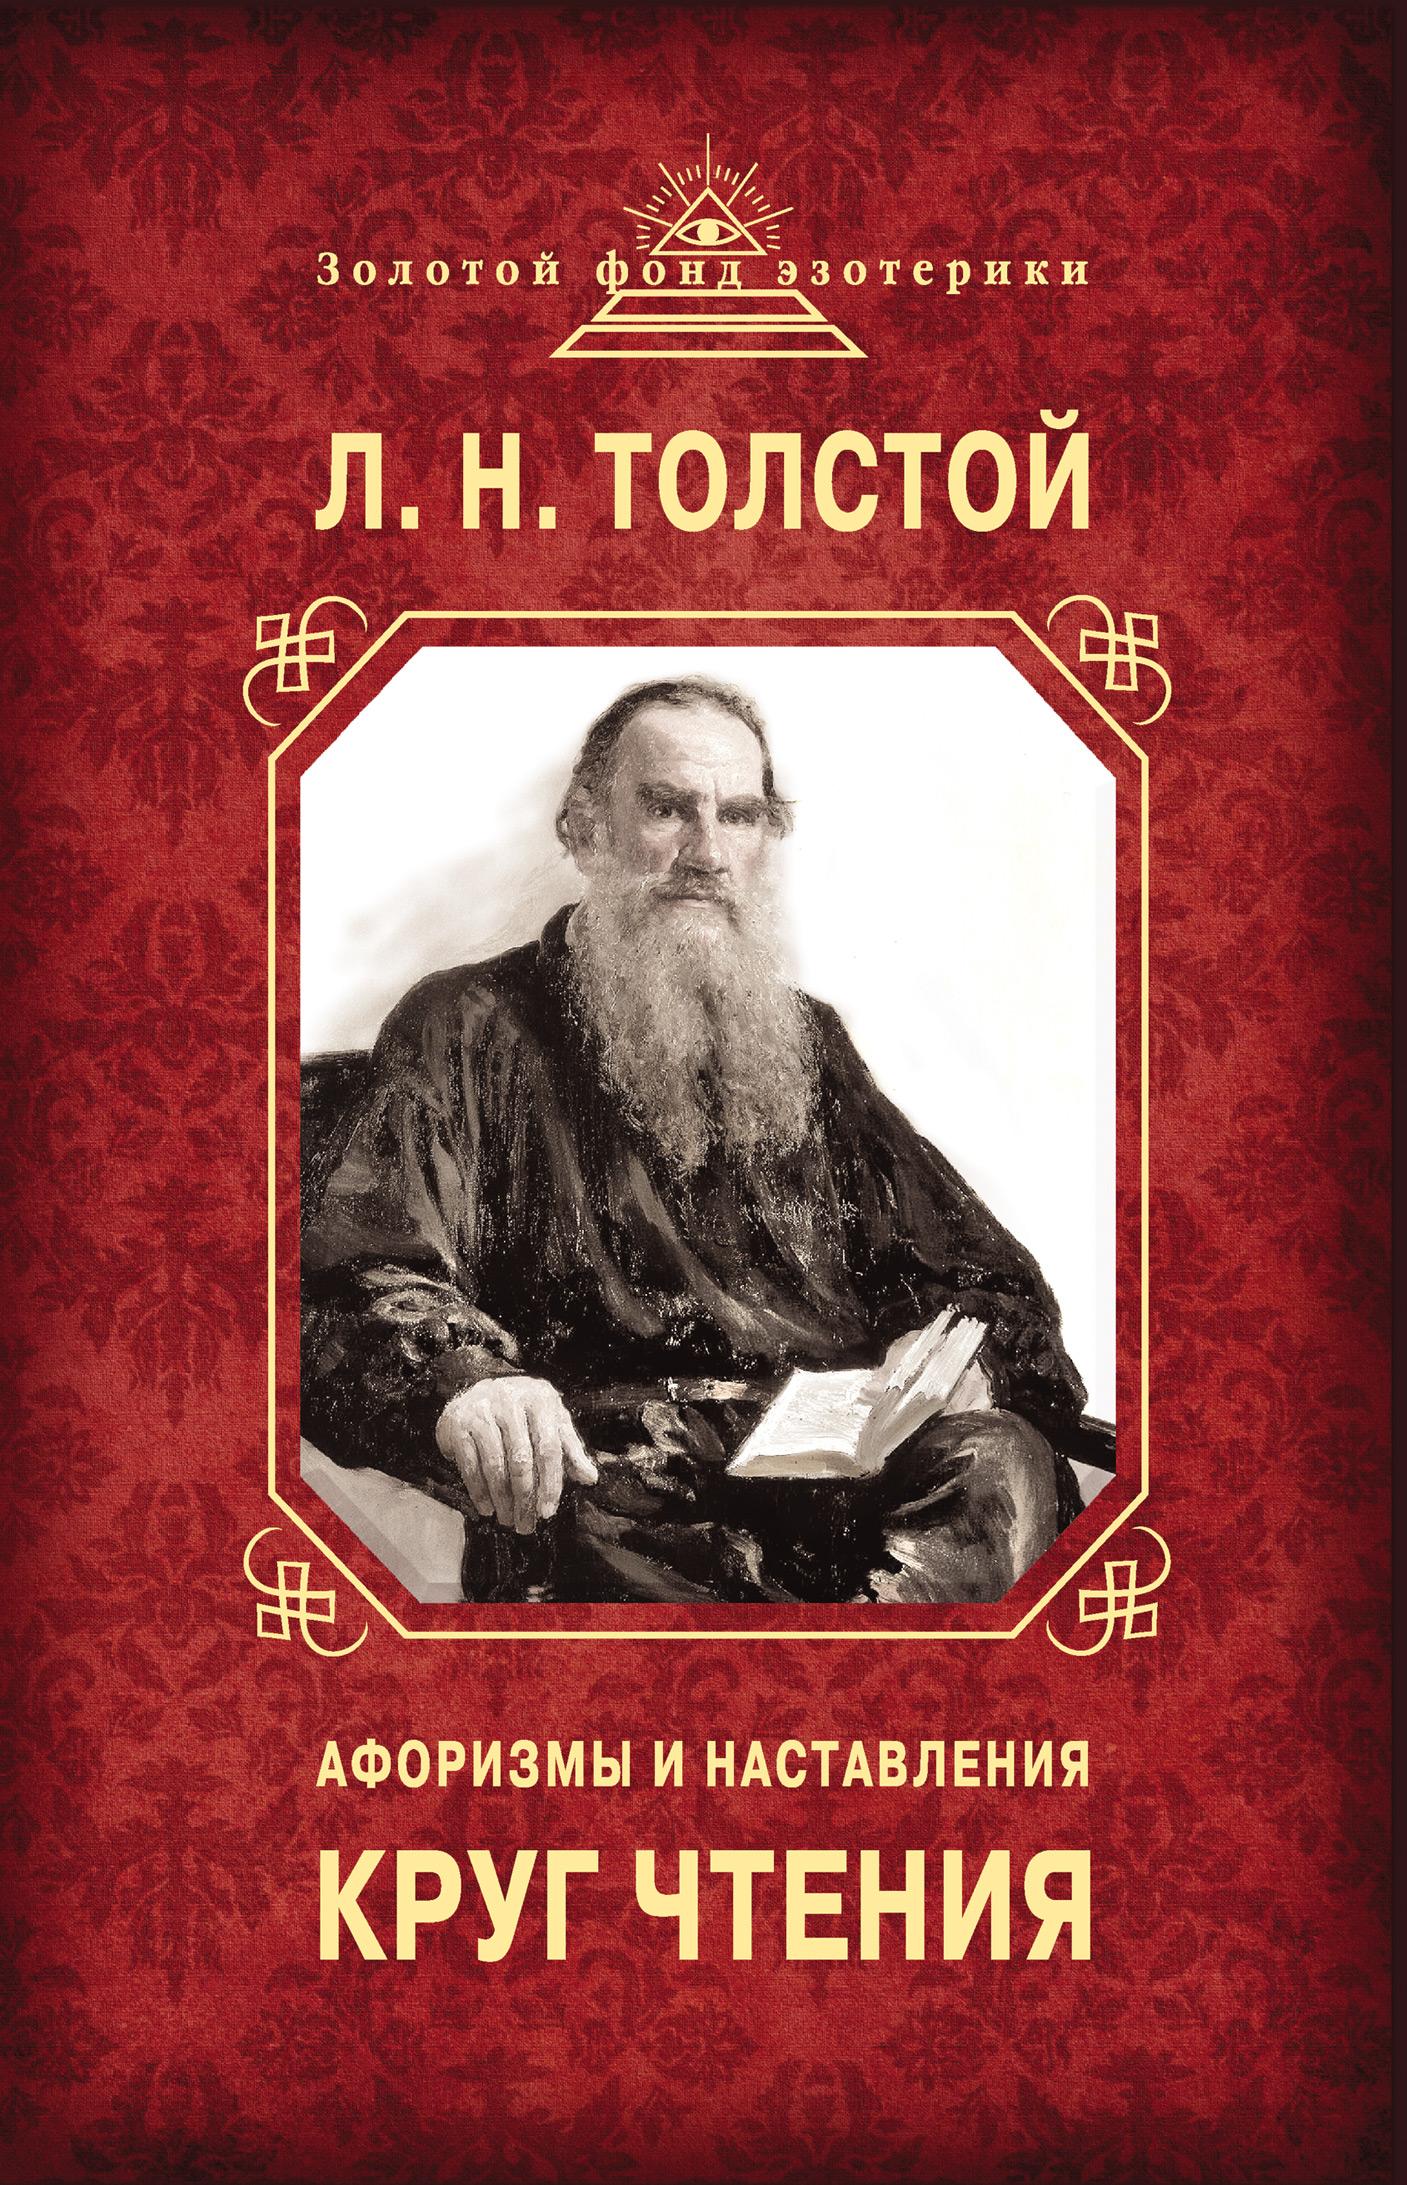 цена на Лев Толстой Круг чтения. Афоризмы и наставления